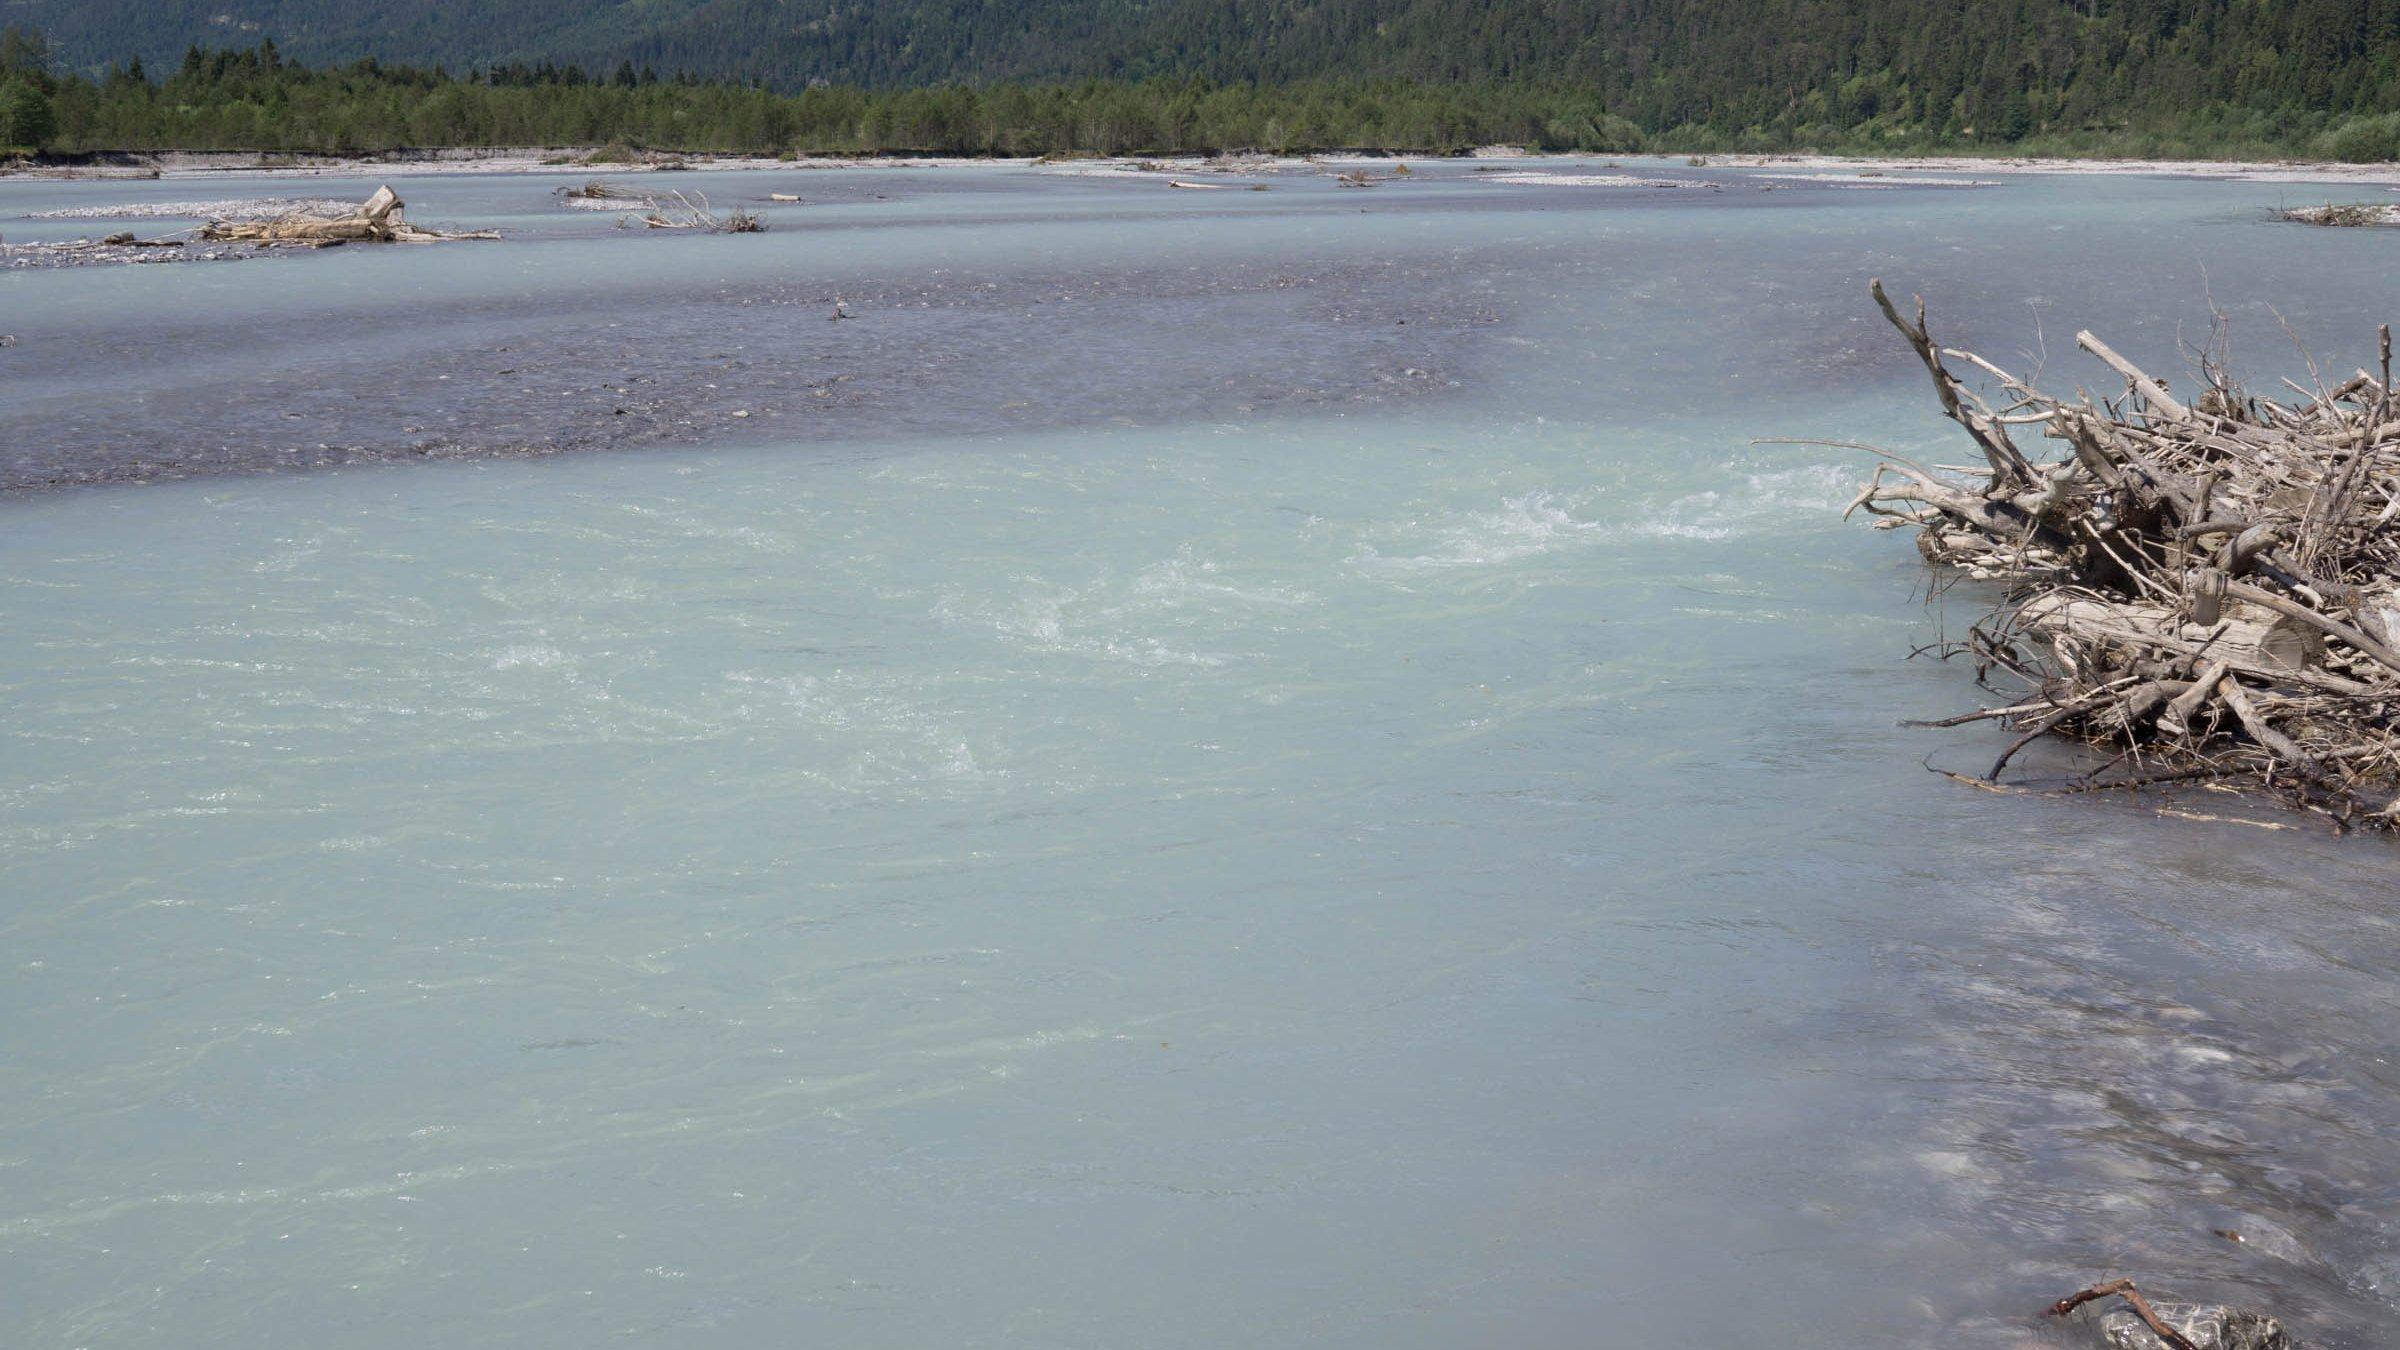 Ein türkisfarbener Gebirgsfluss mit Schotterbänken, rechts vorne ein Haufen Totholz.